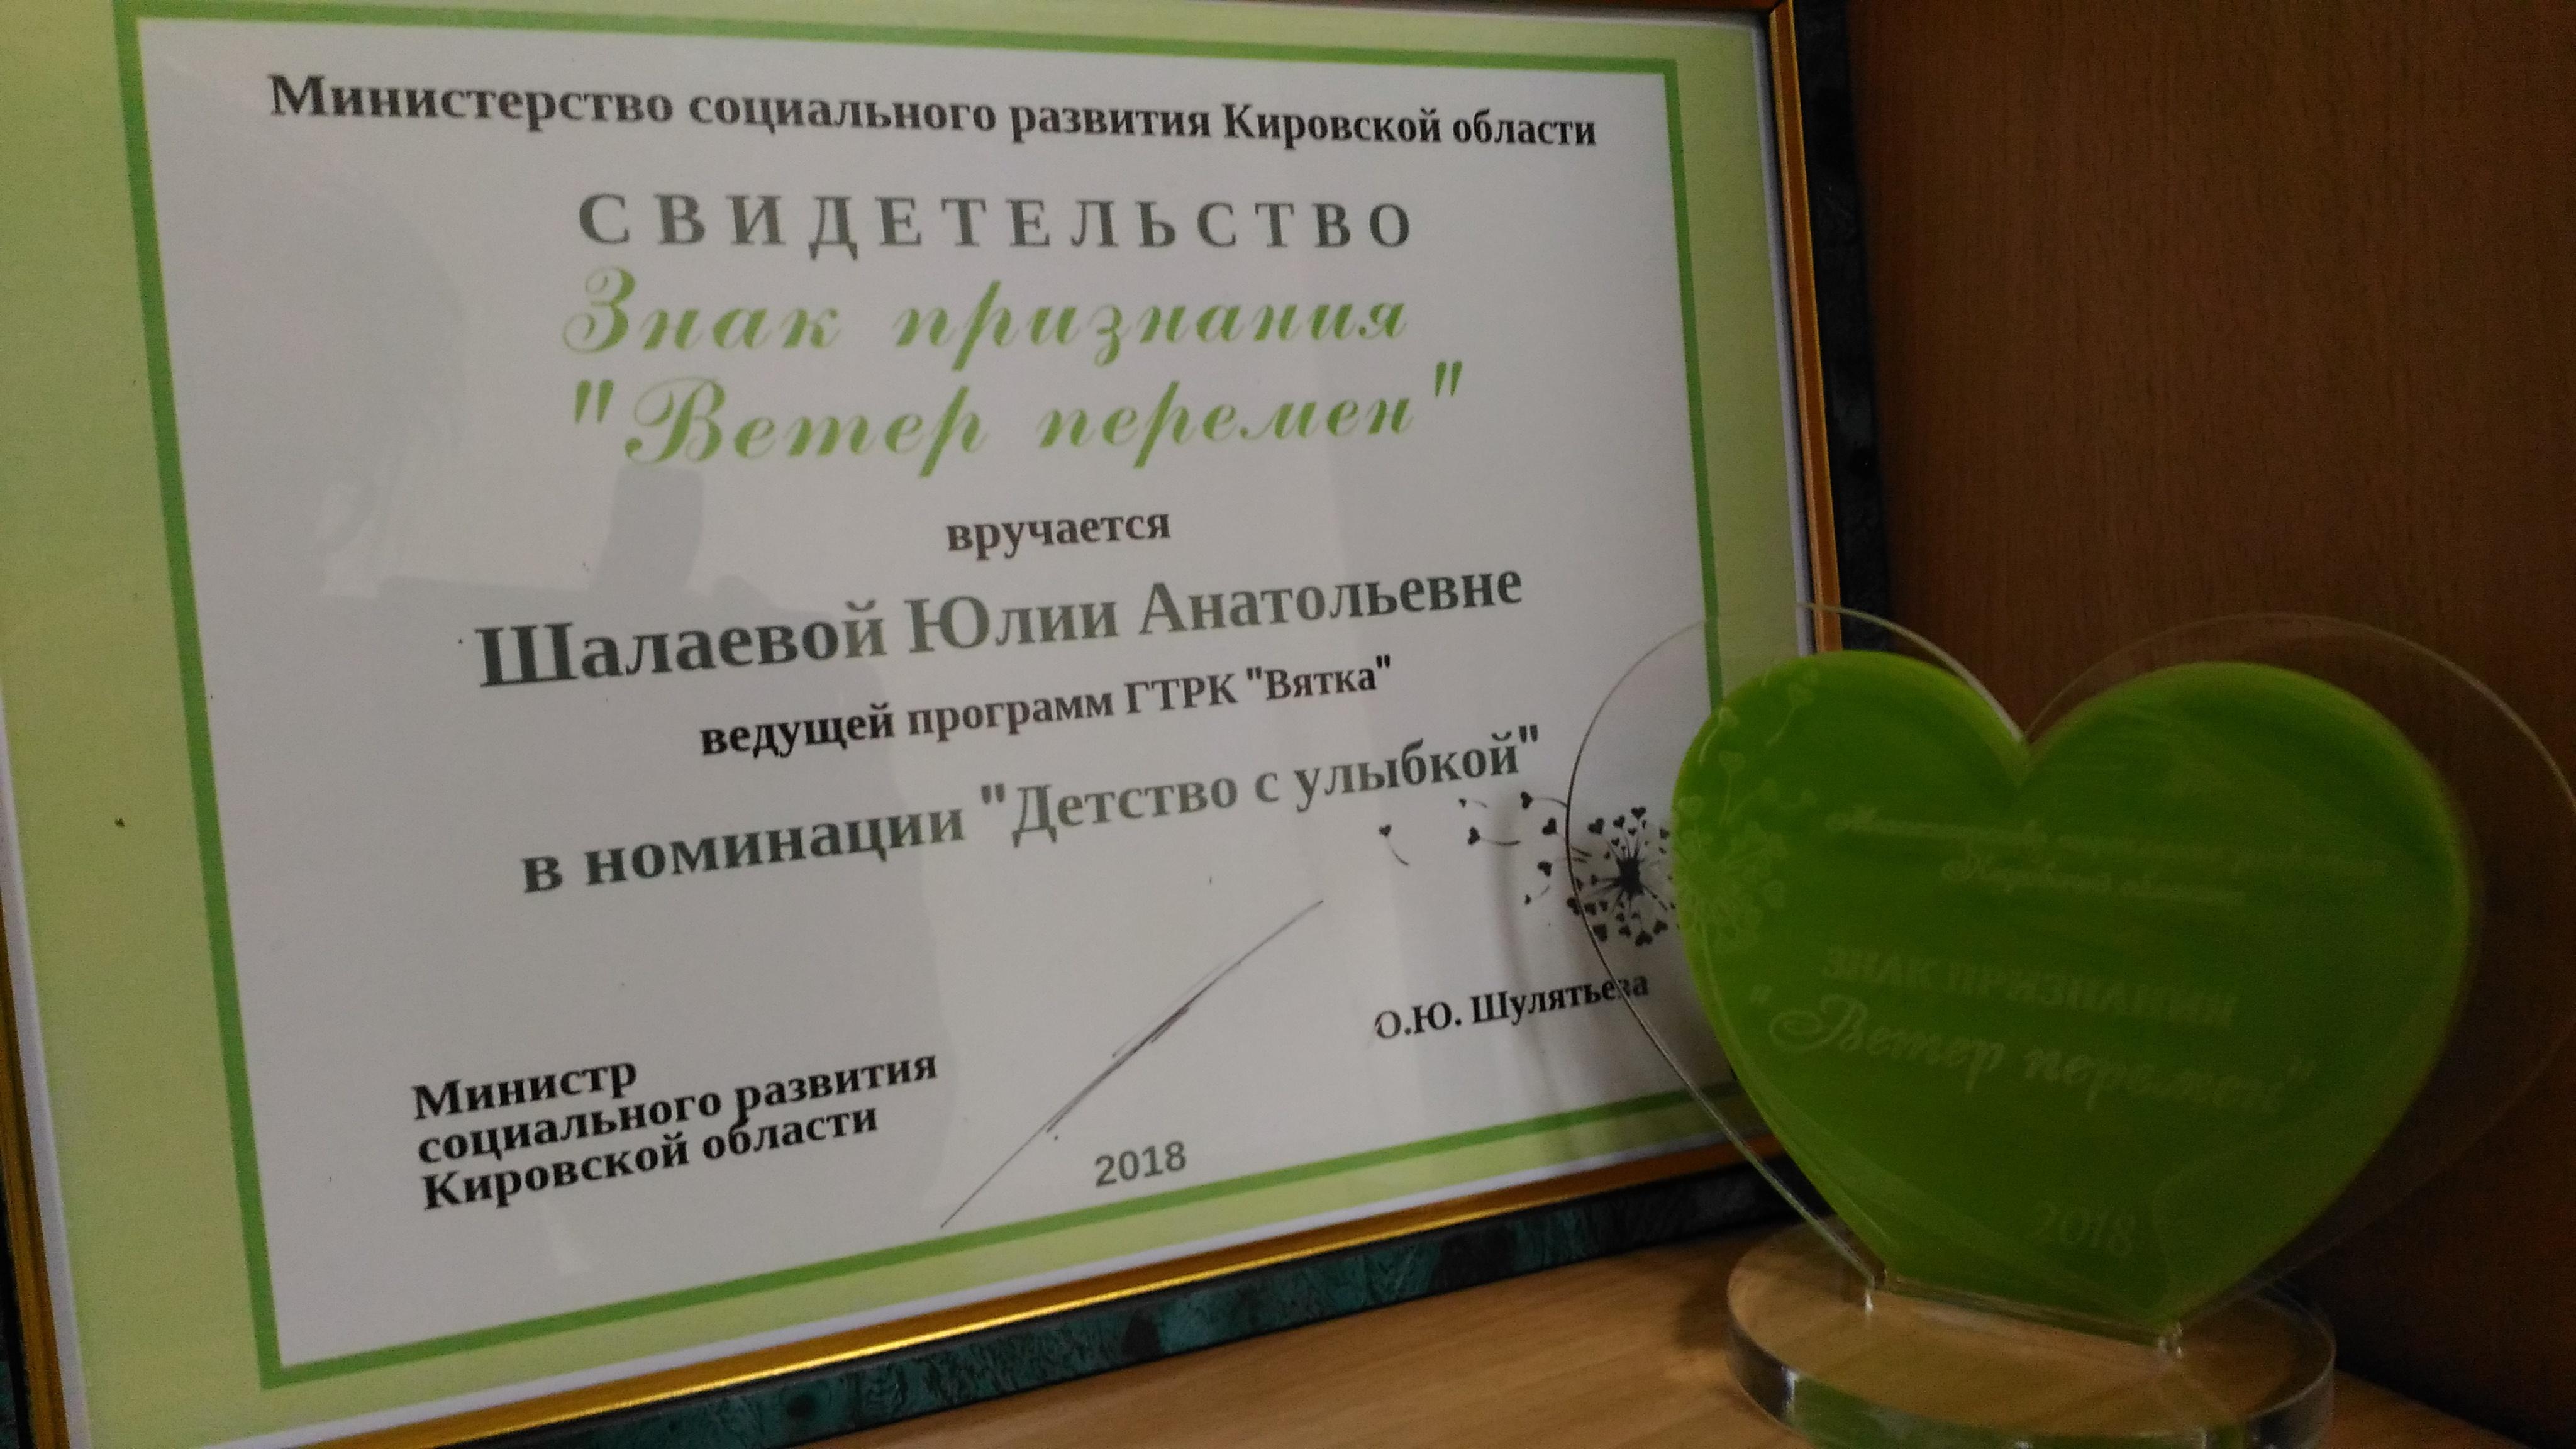 ГТРК Вятка стала первым среди кировских СМИ обладателем новой специальной награды Министерства соцразвития.